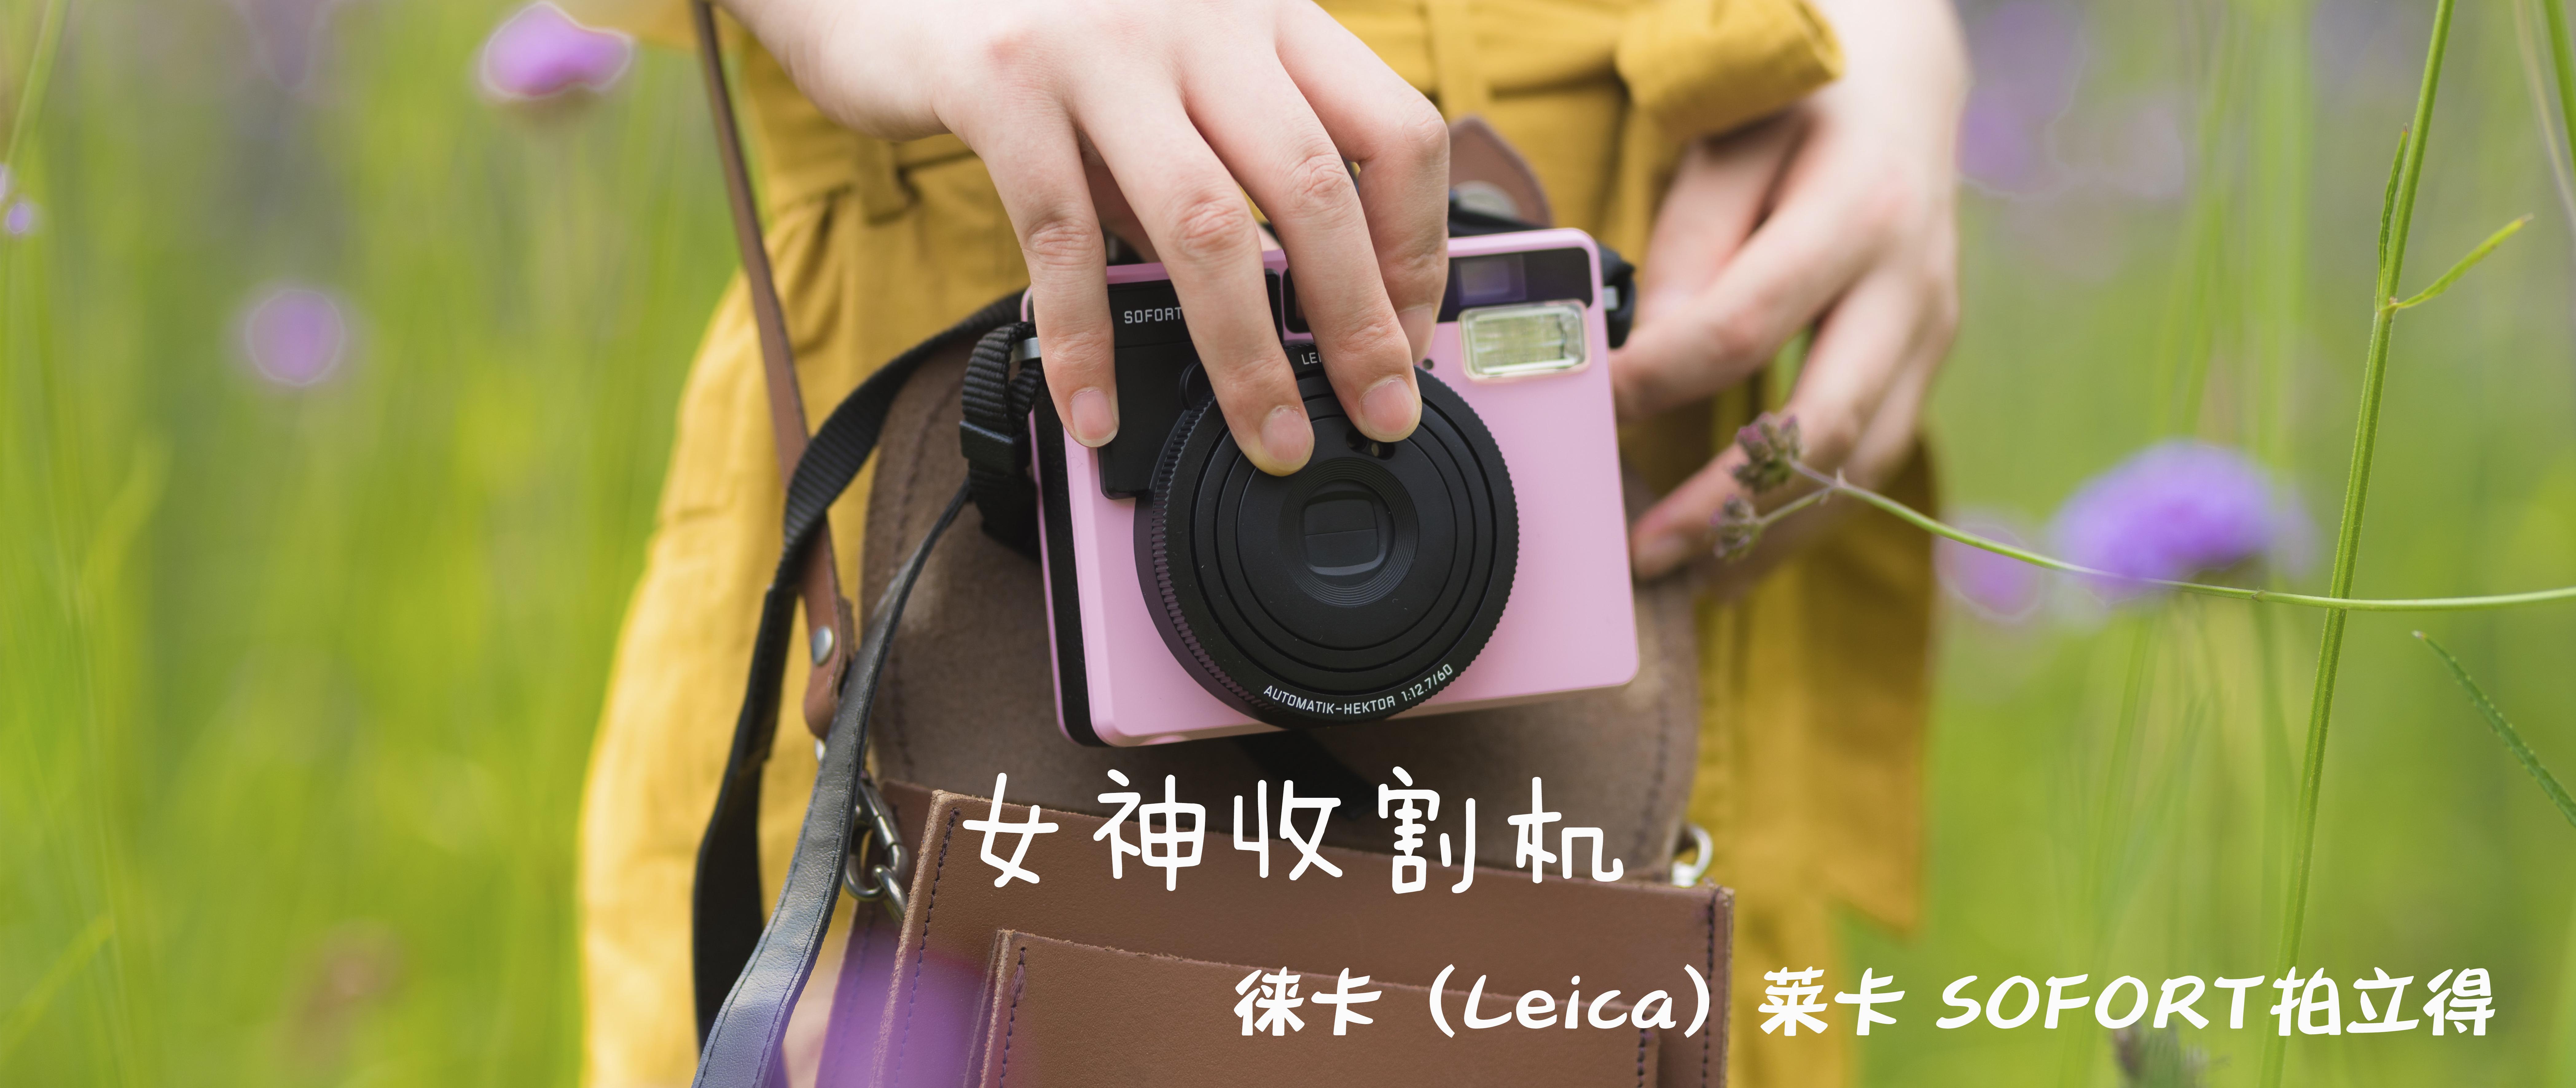 摄影的快感从拍照转移到了买镜头 篇八:女神收割机—Leica 徕卡 SOFORT 拍立得 粉色  使用评测